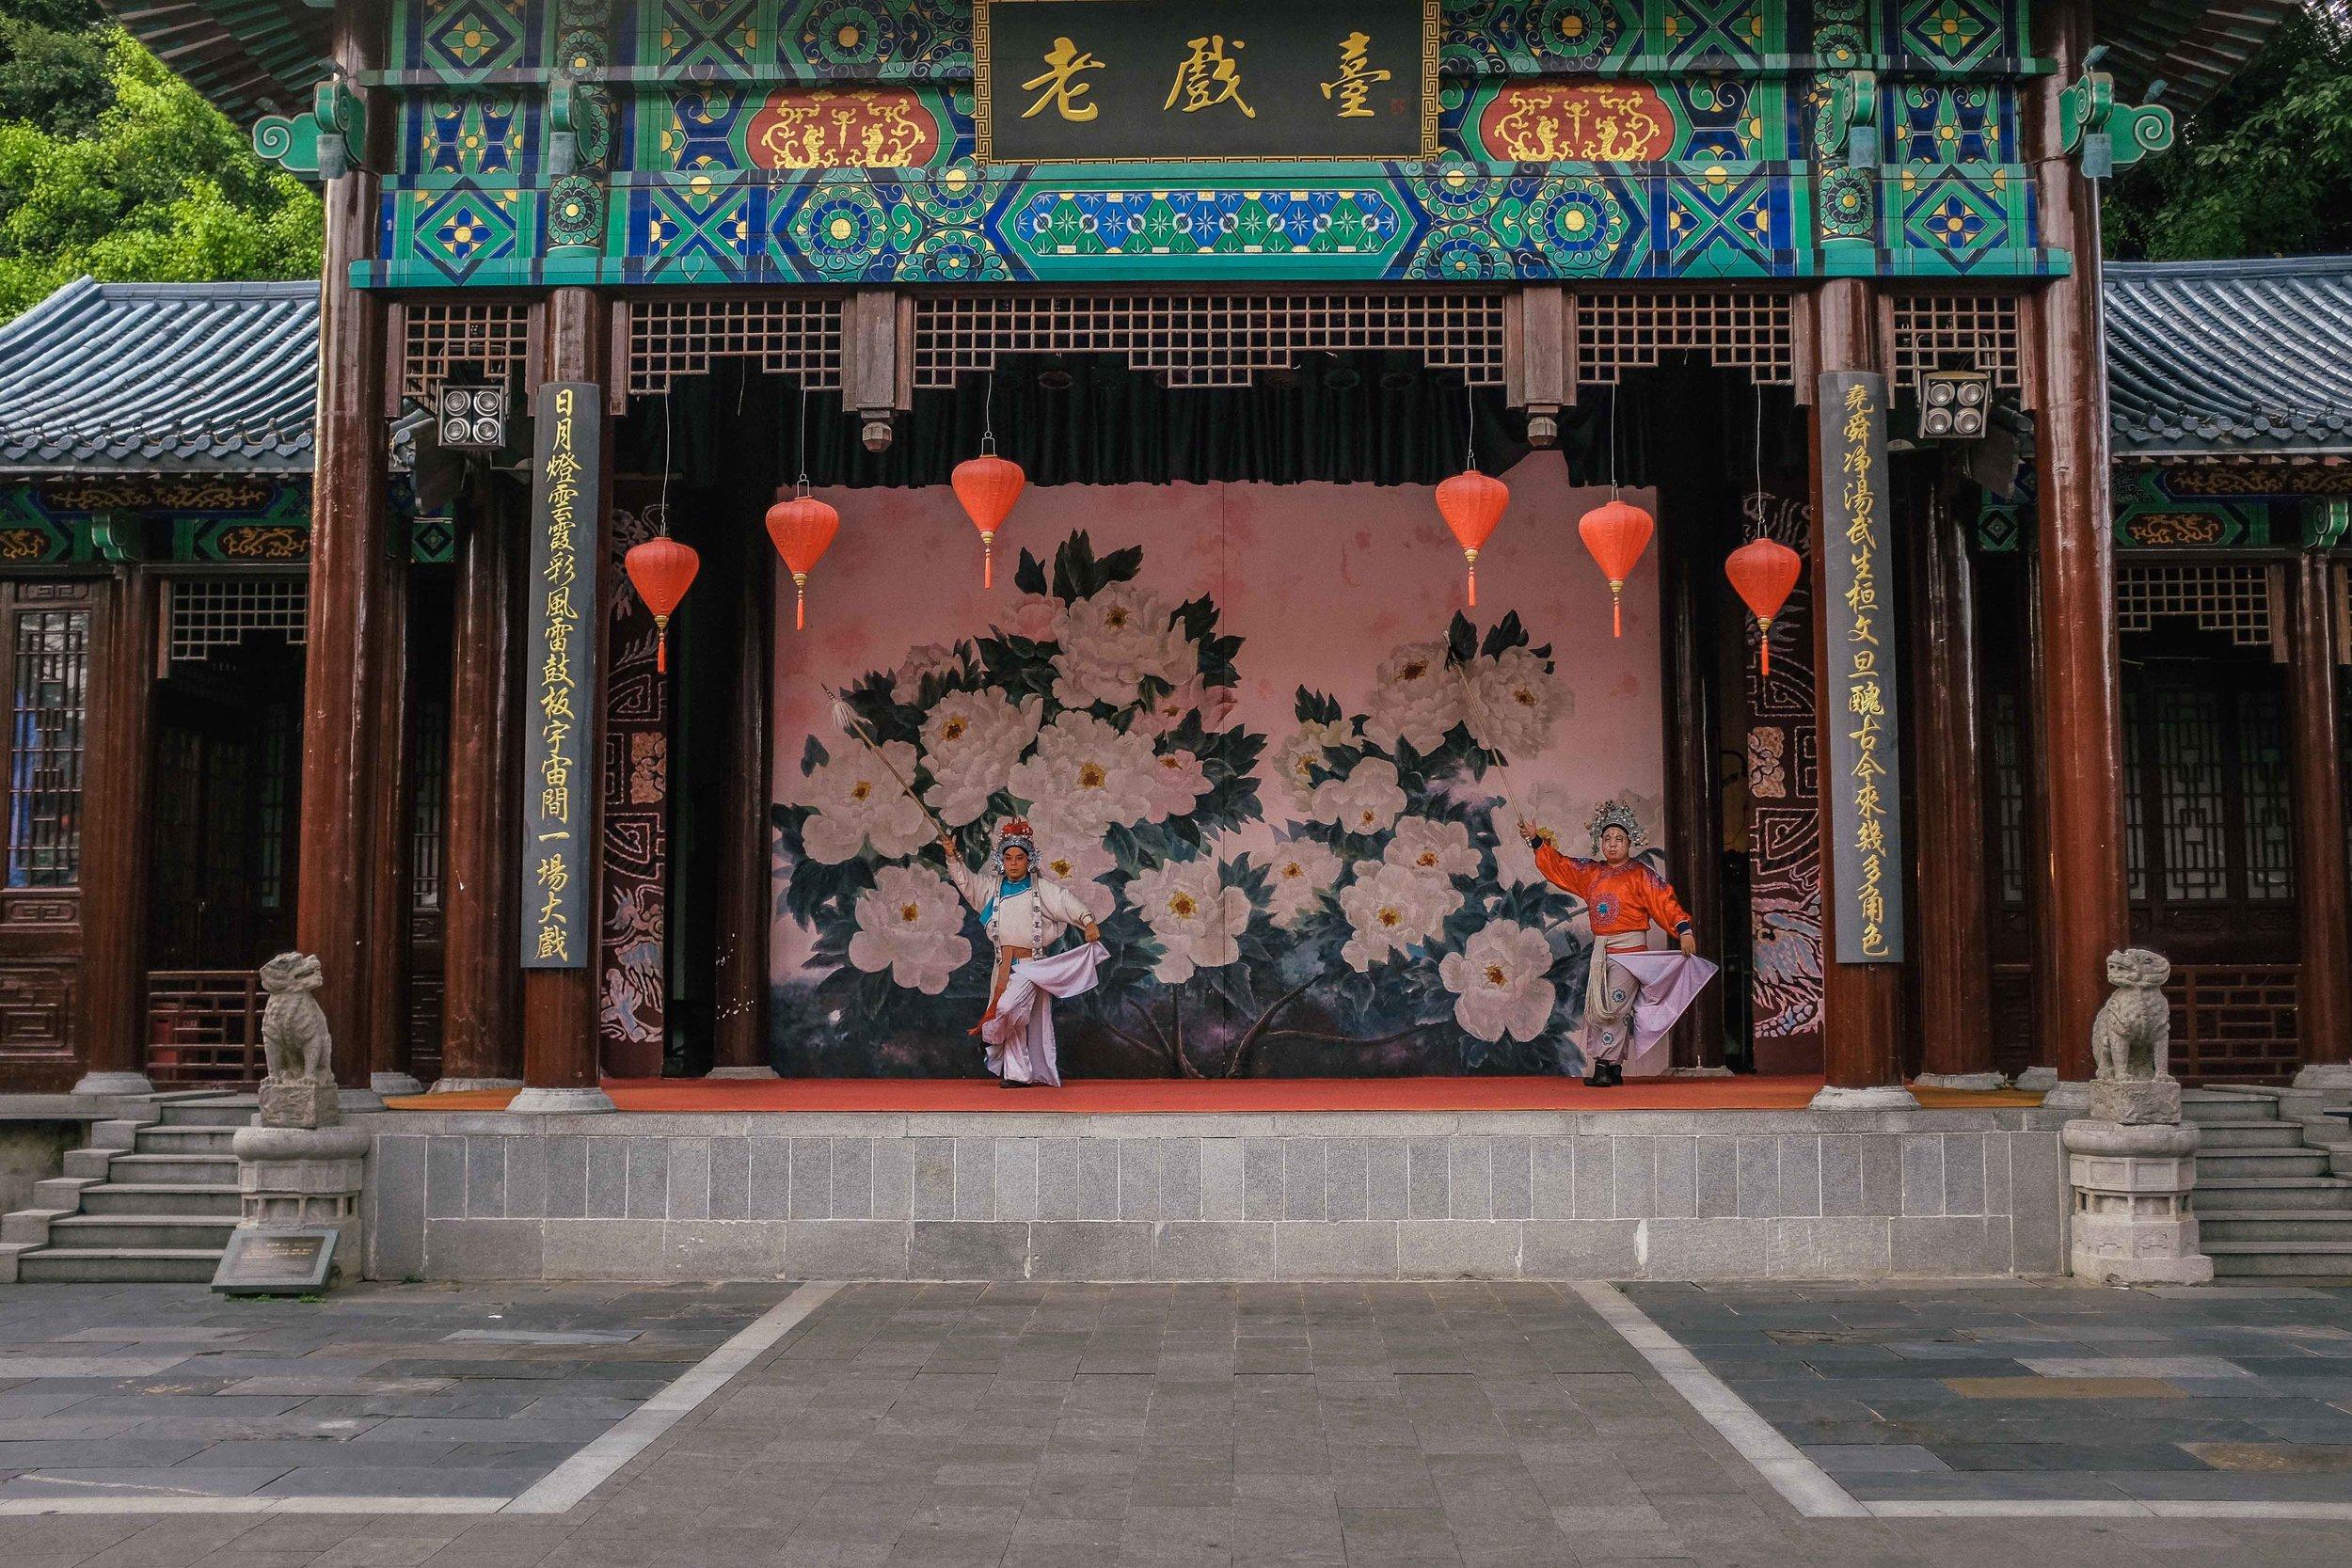 China_x100t_fujifilm_79.jpg